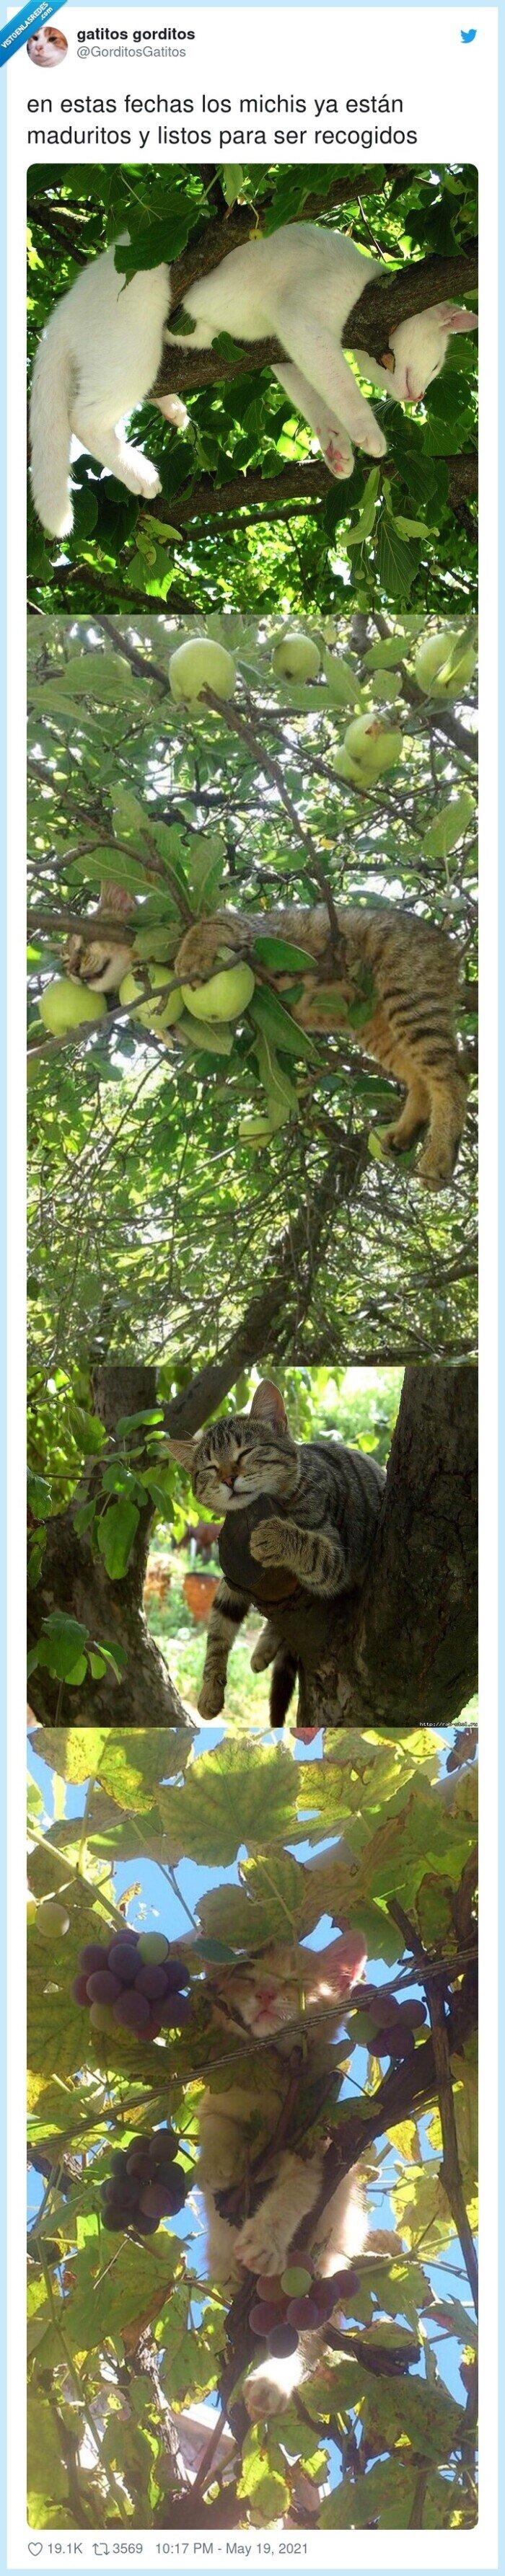 árboles,fechas,gatos,maduritos,michis,recogidos